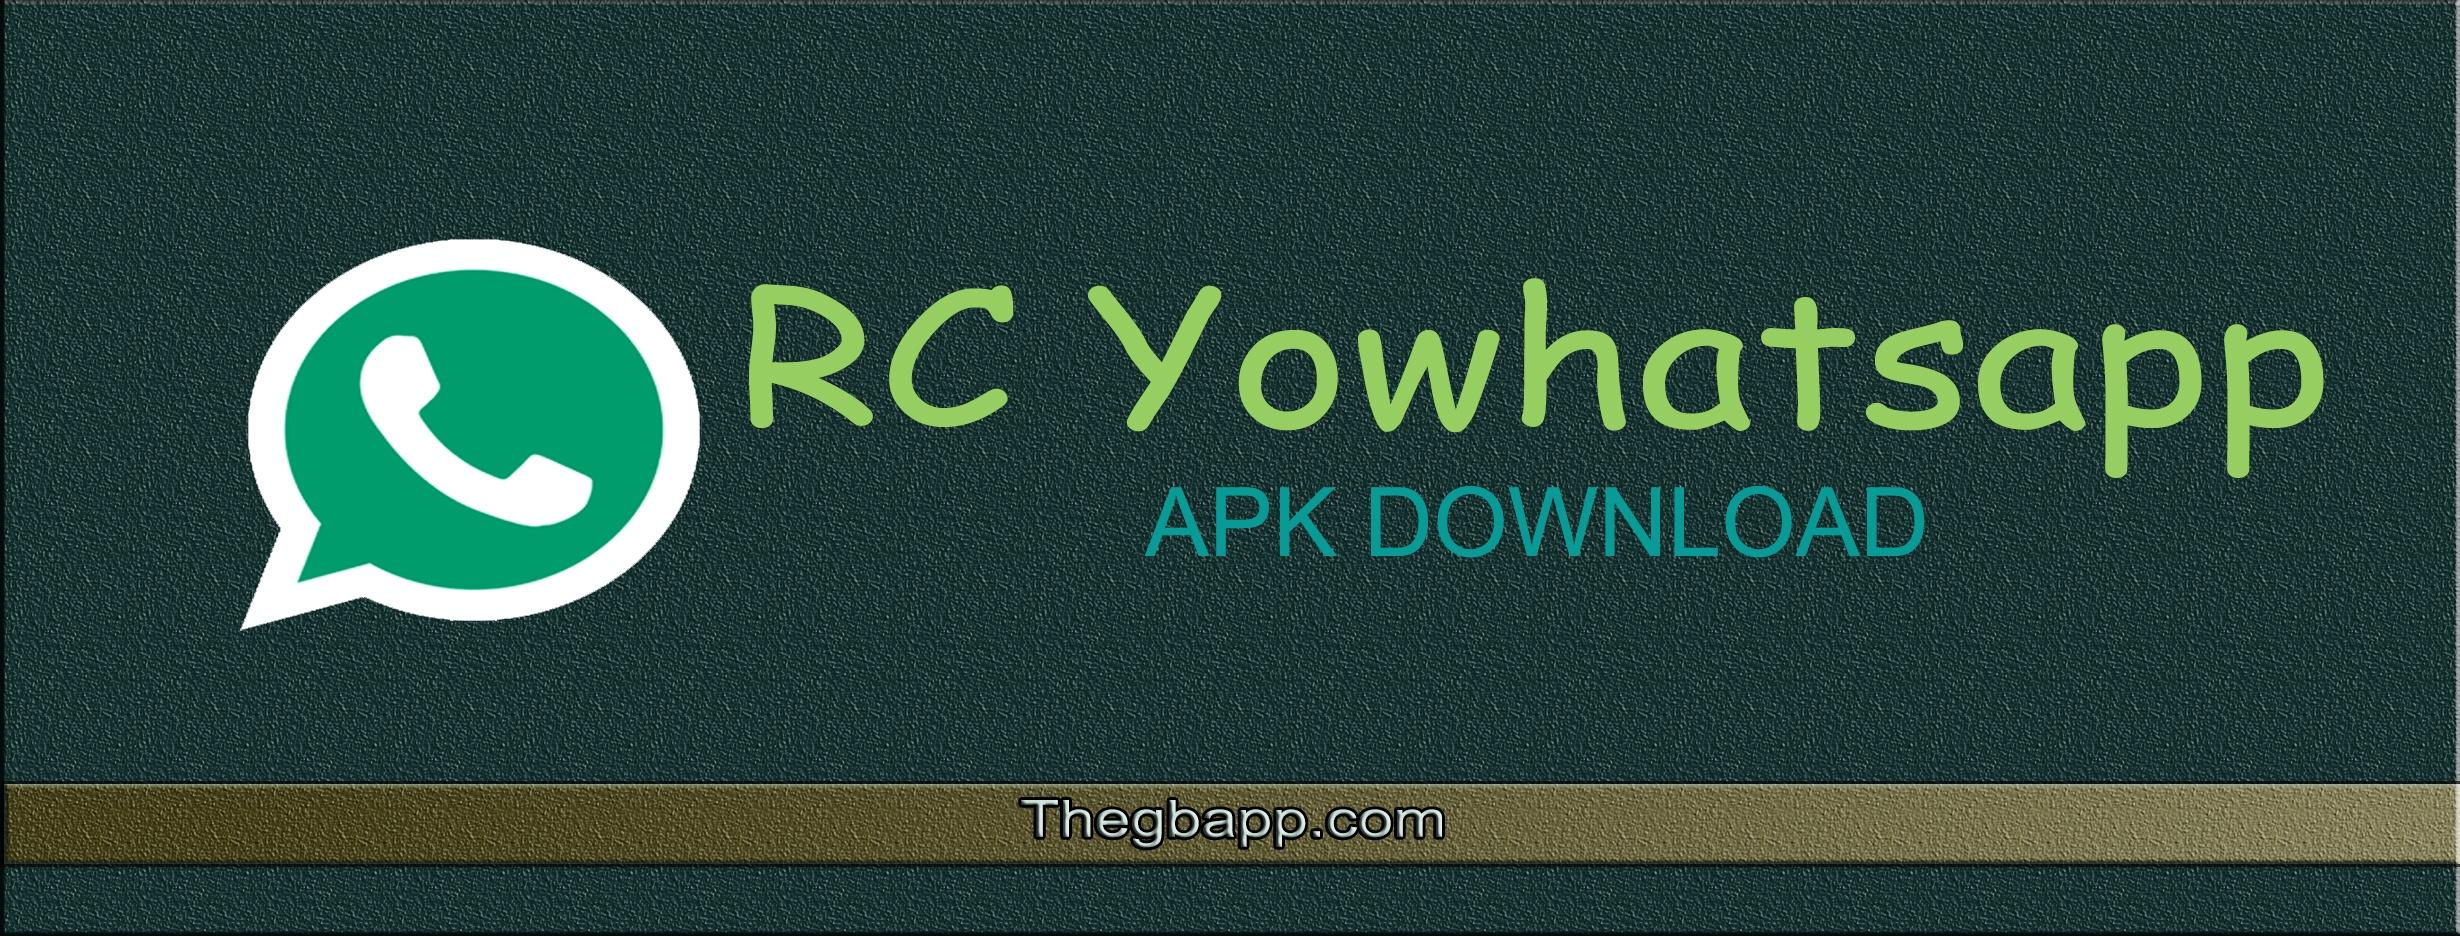 RC Yowhatsapp